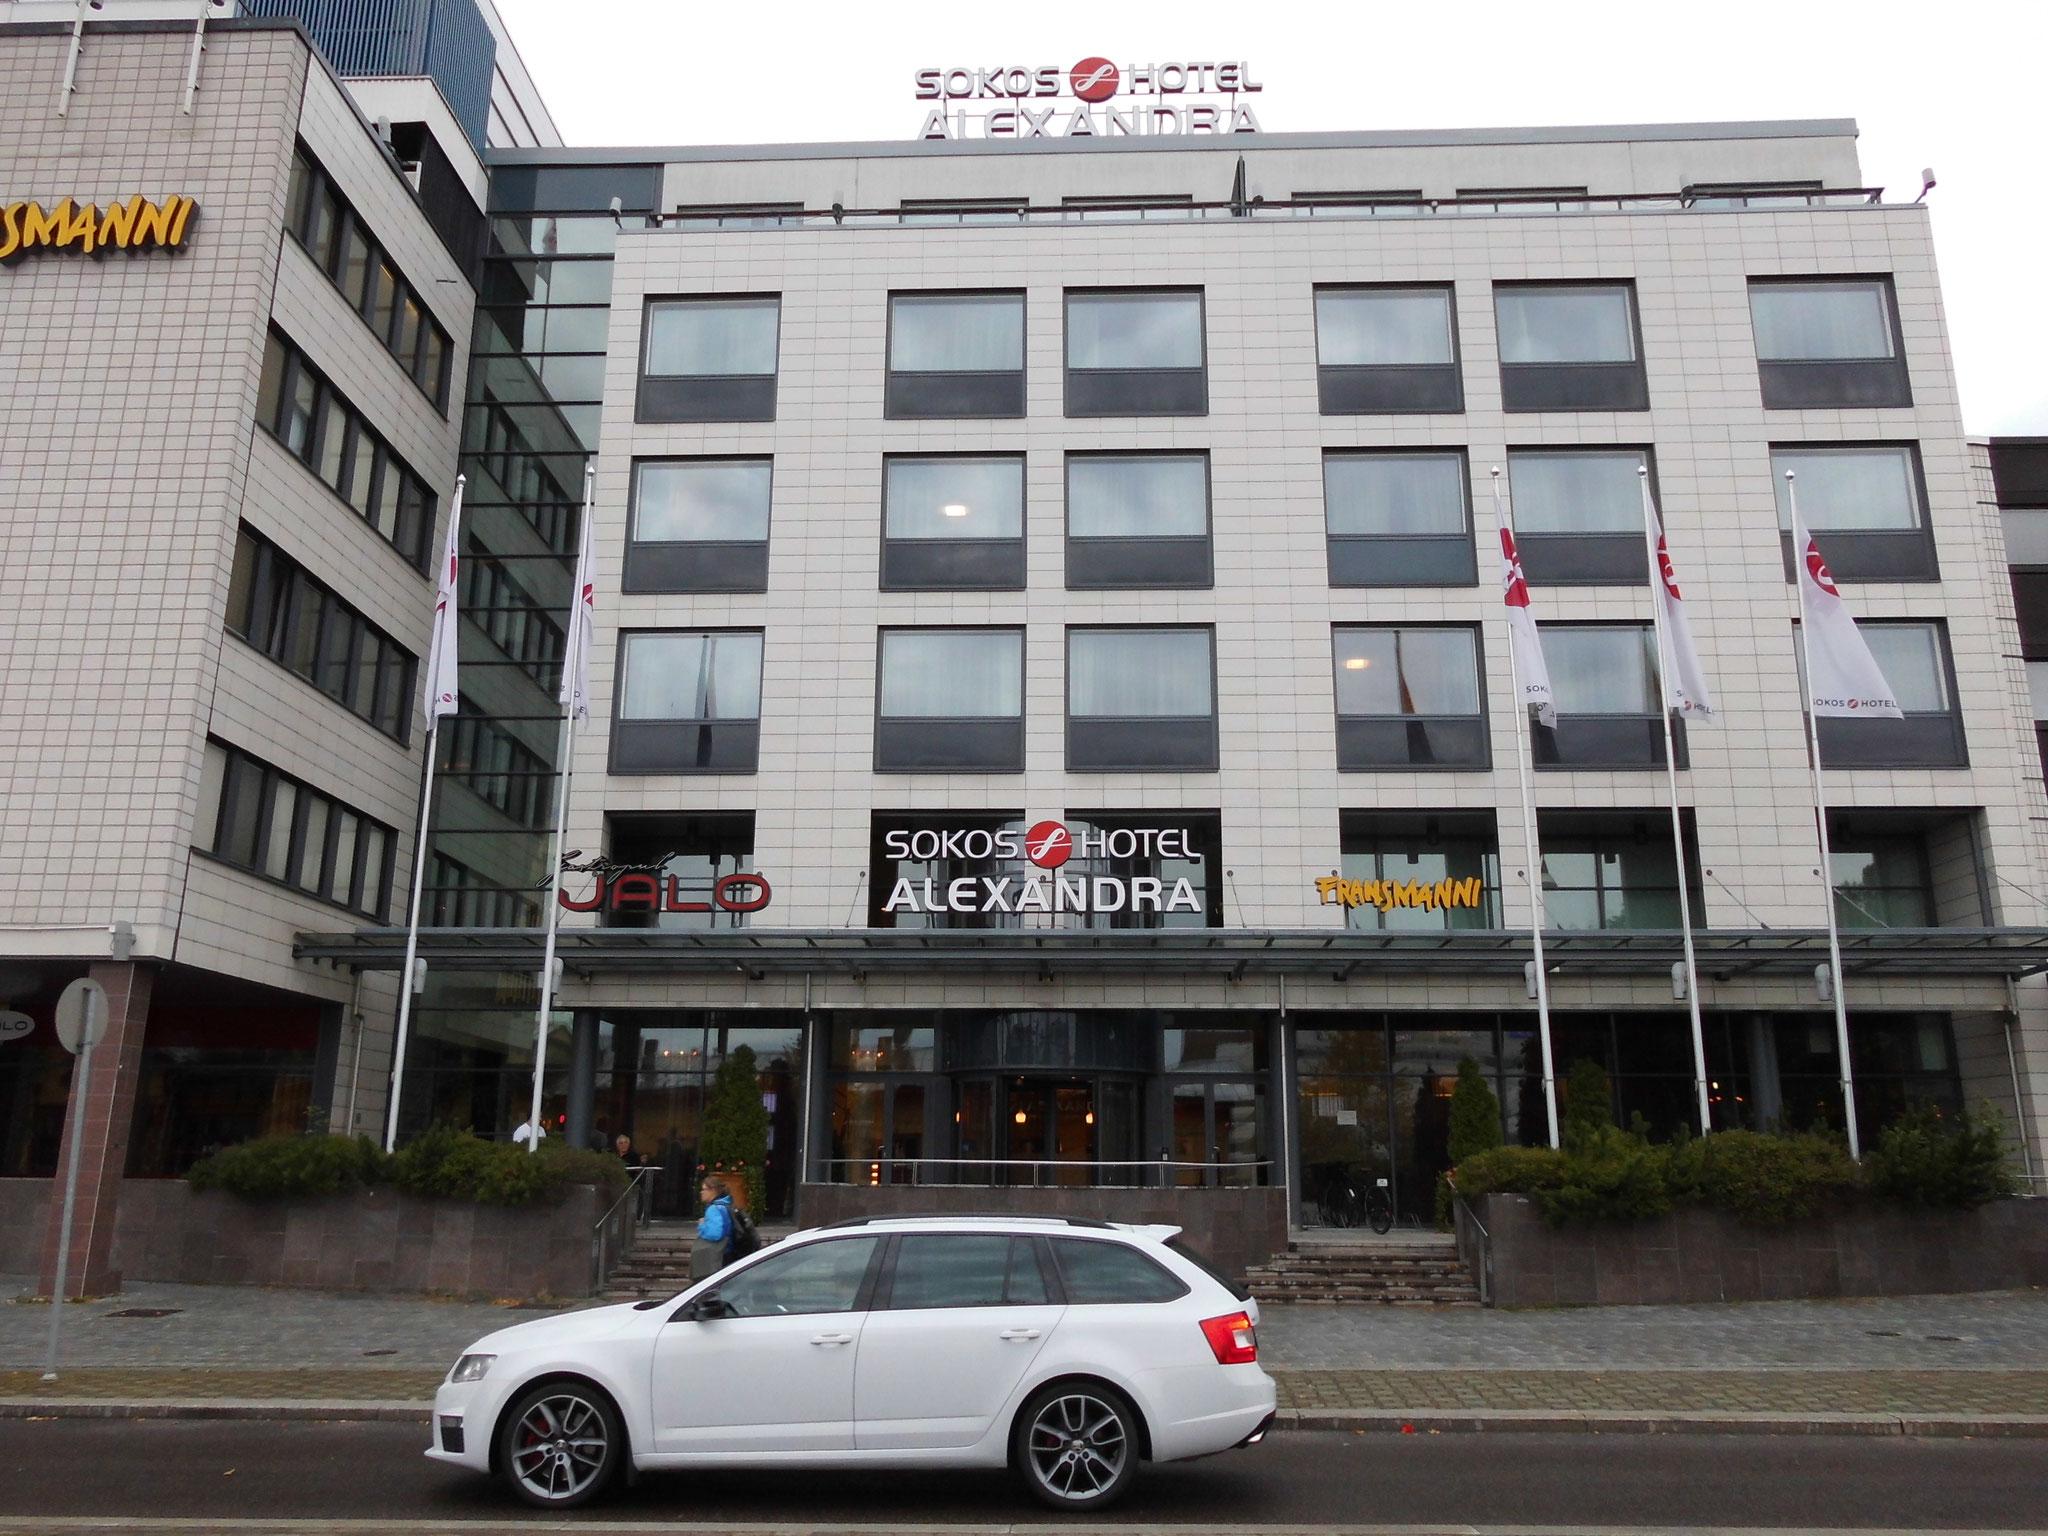 Letztendlich erreichten aber alle das gleiche Ziel, das Hotel Alexandra in Jyväskylä.